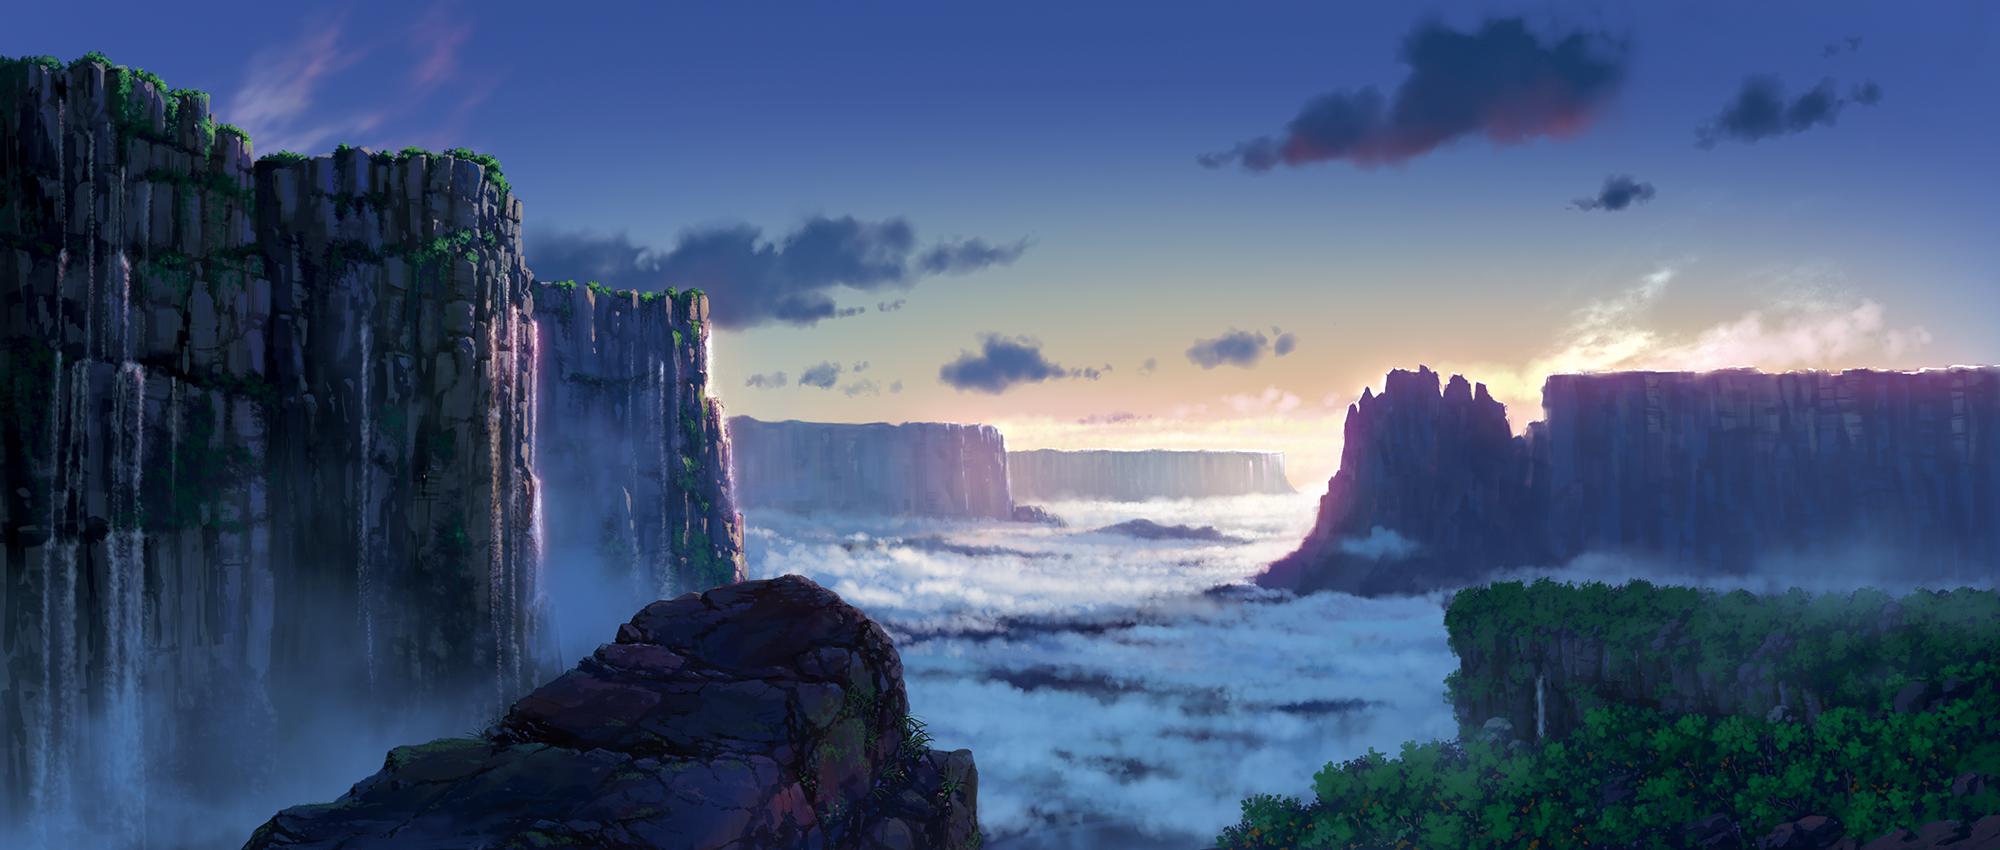 壁纸 风景 旅游 瀑布 山水 桌面 2000_850